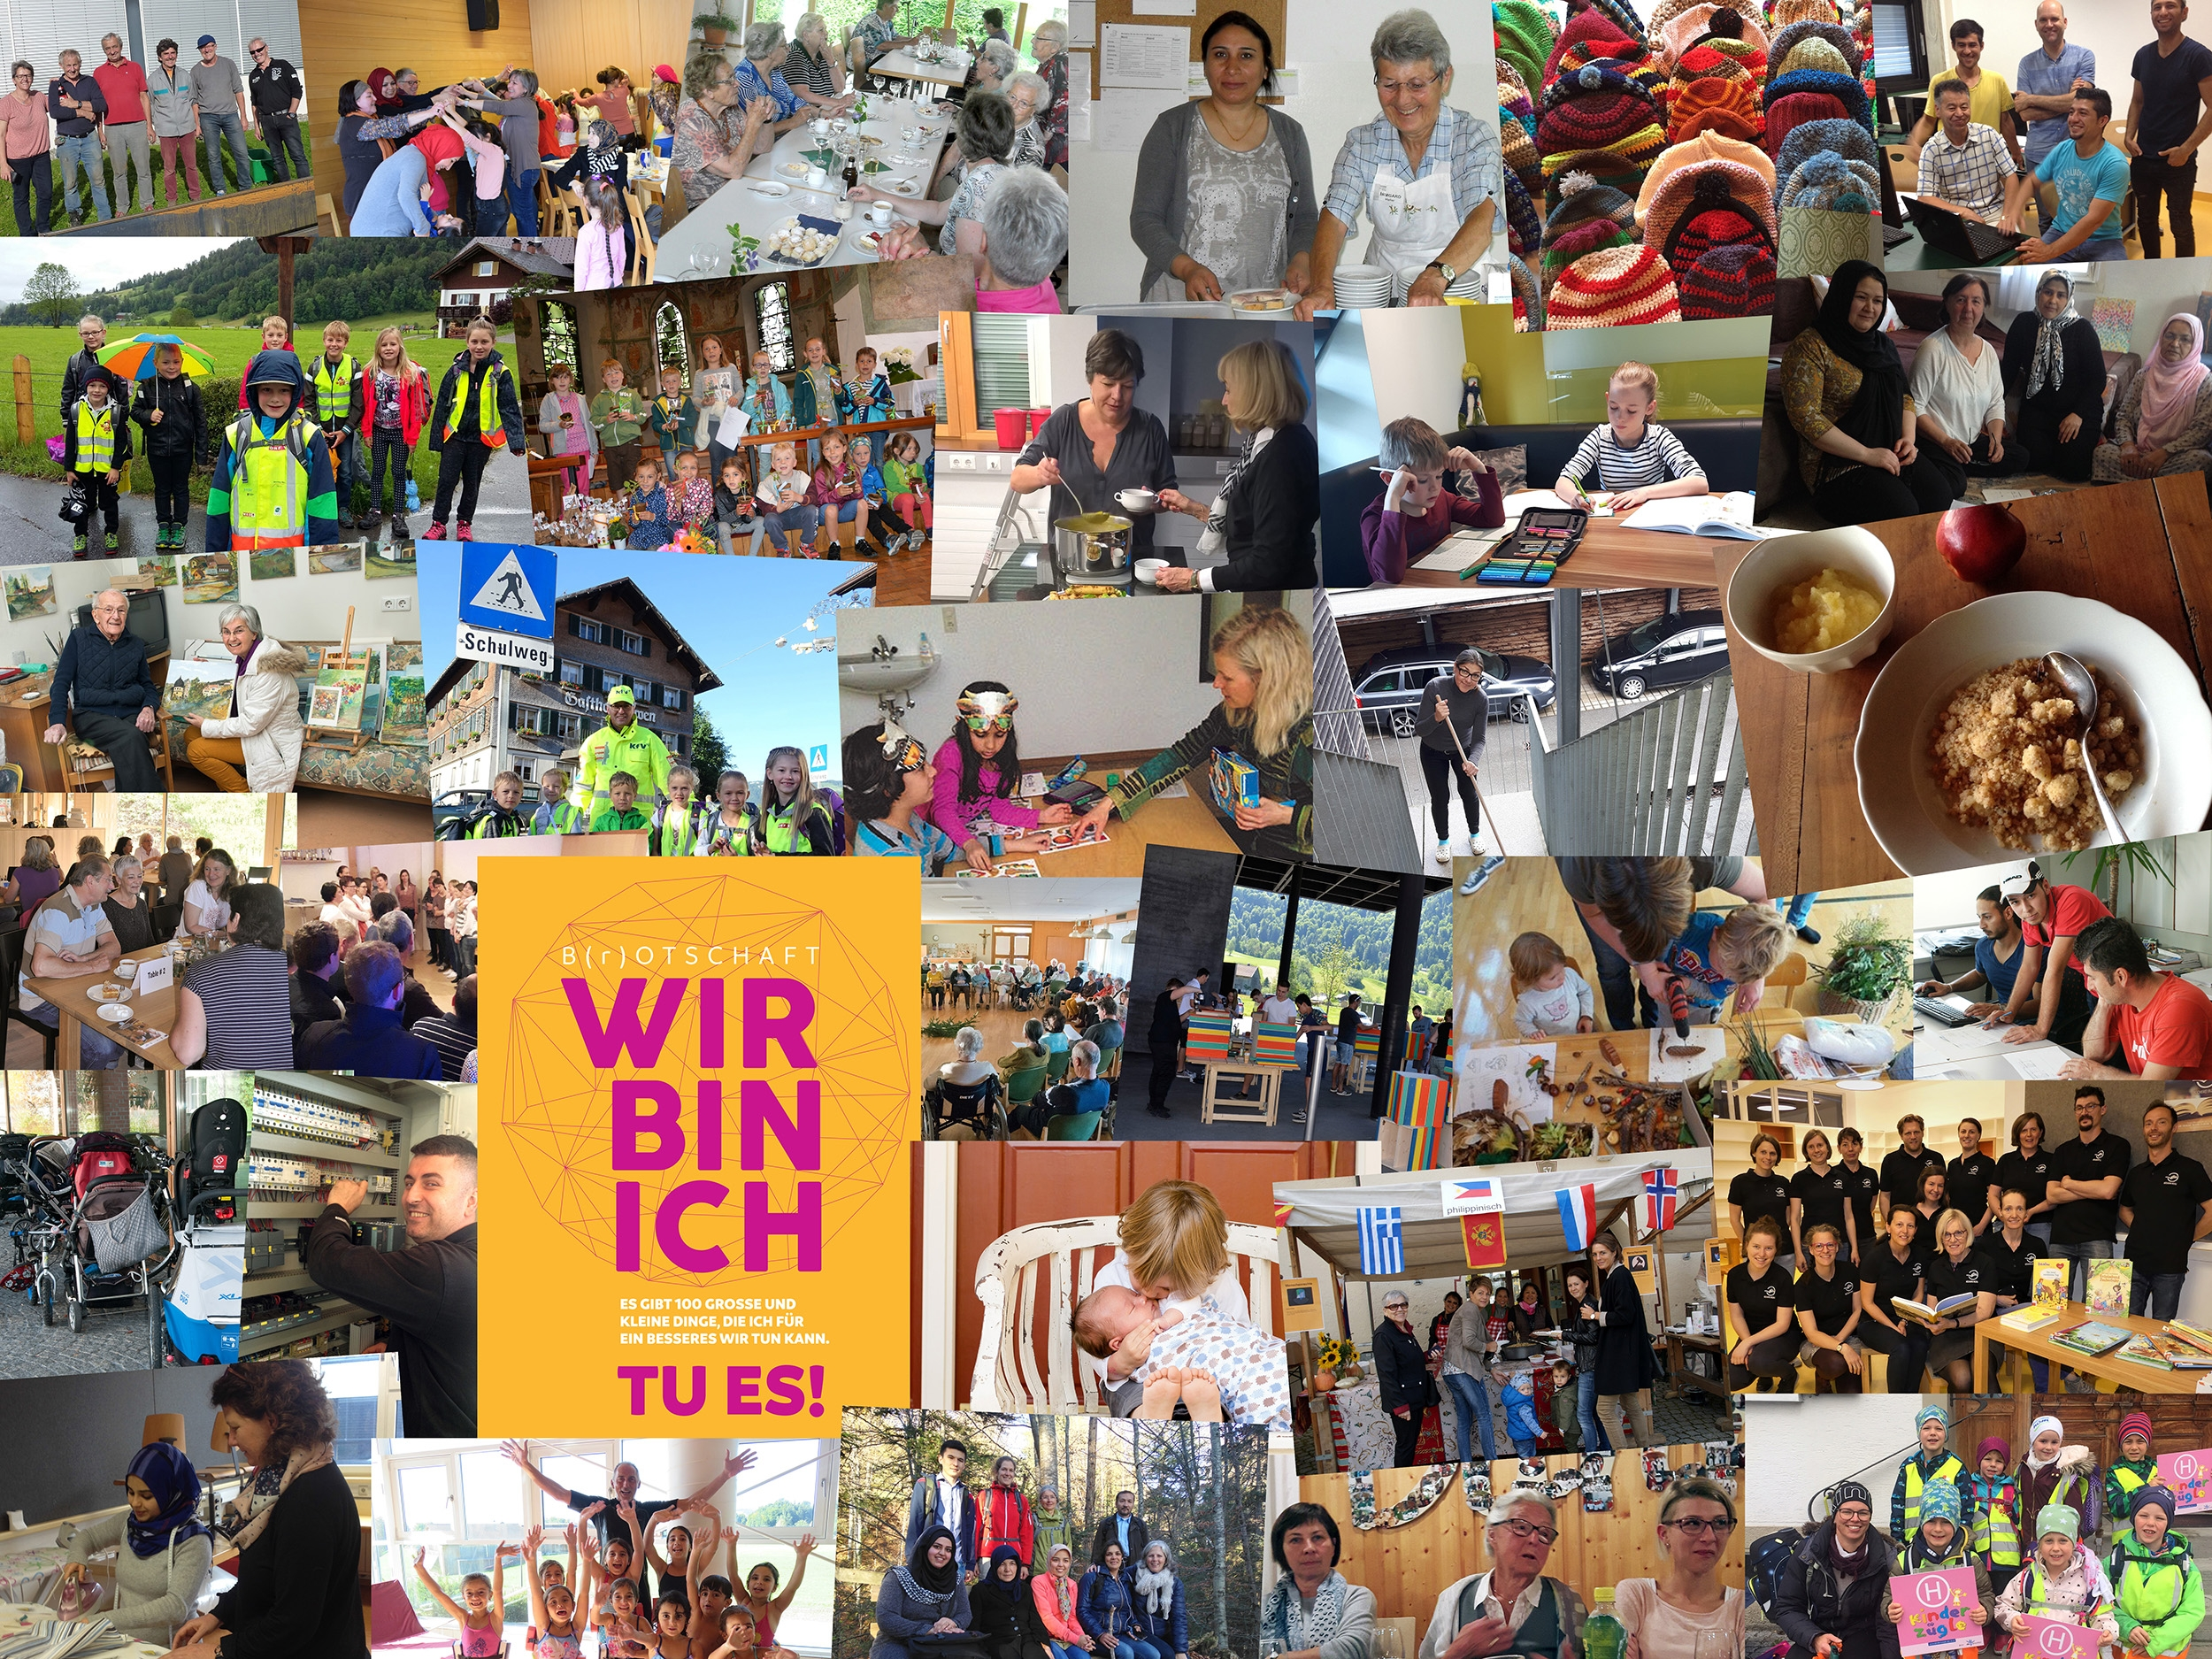 vorarlberg - Bekanntschaften - Partnersuche & Kontakte